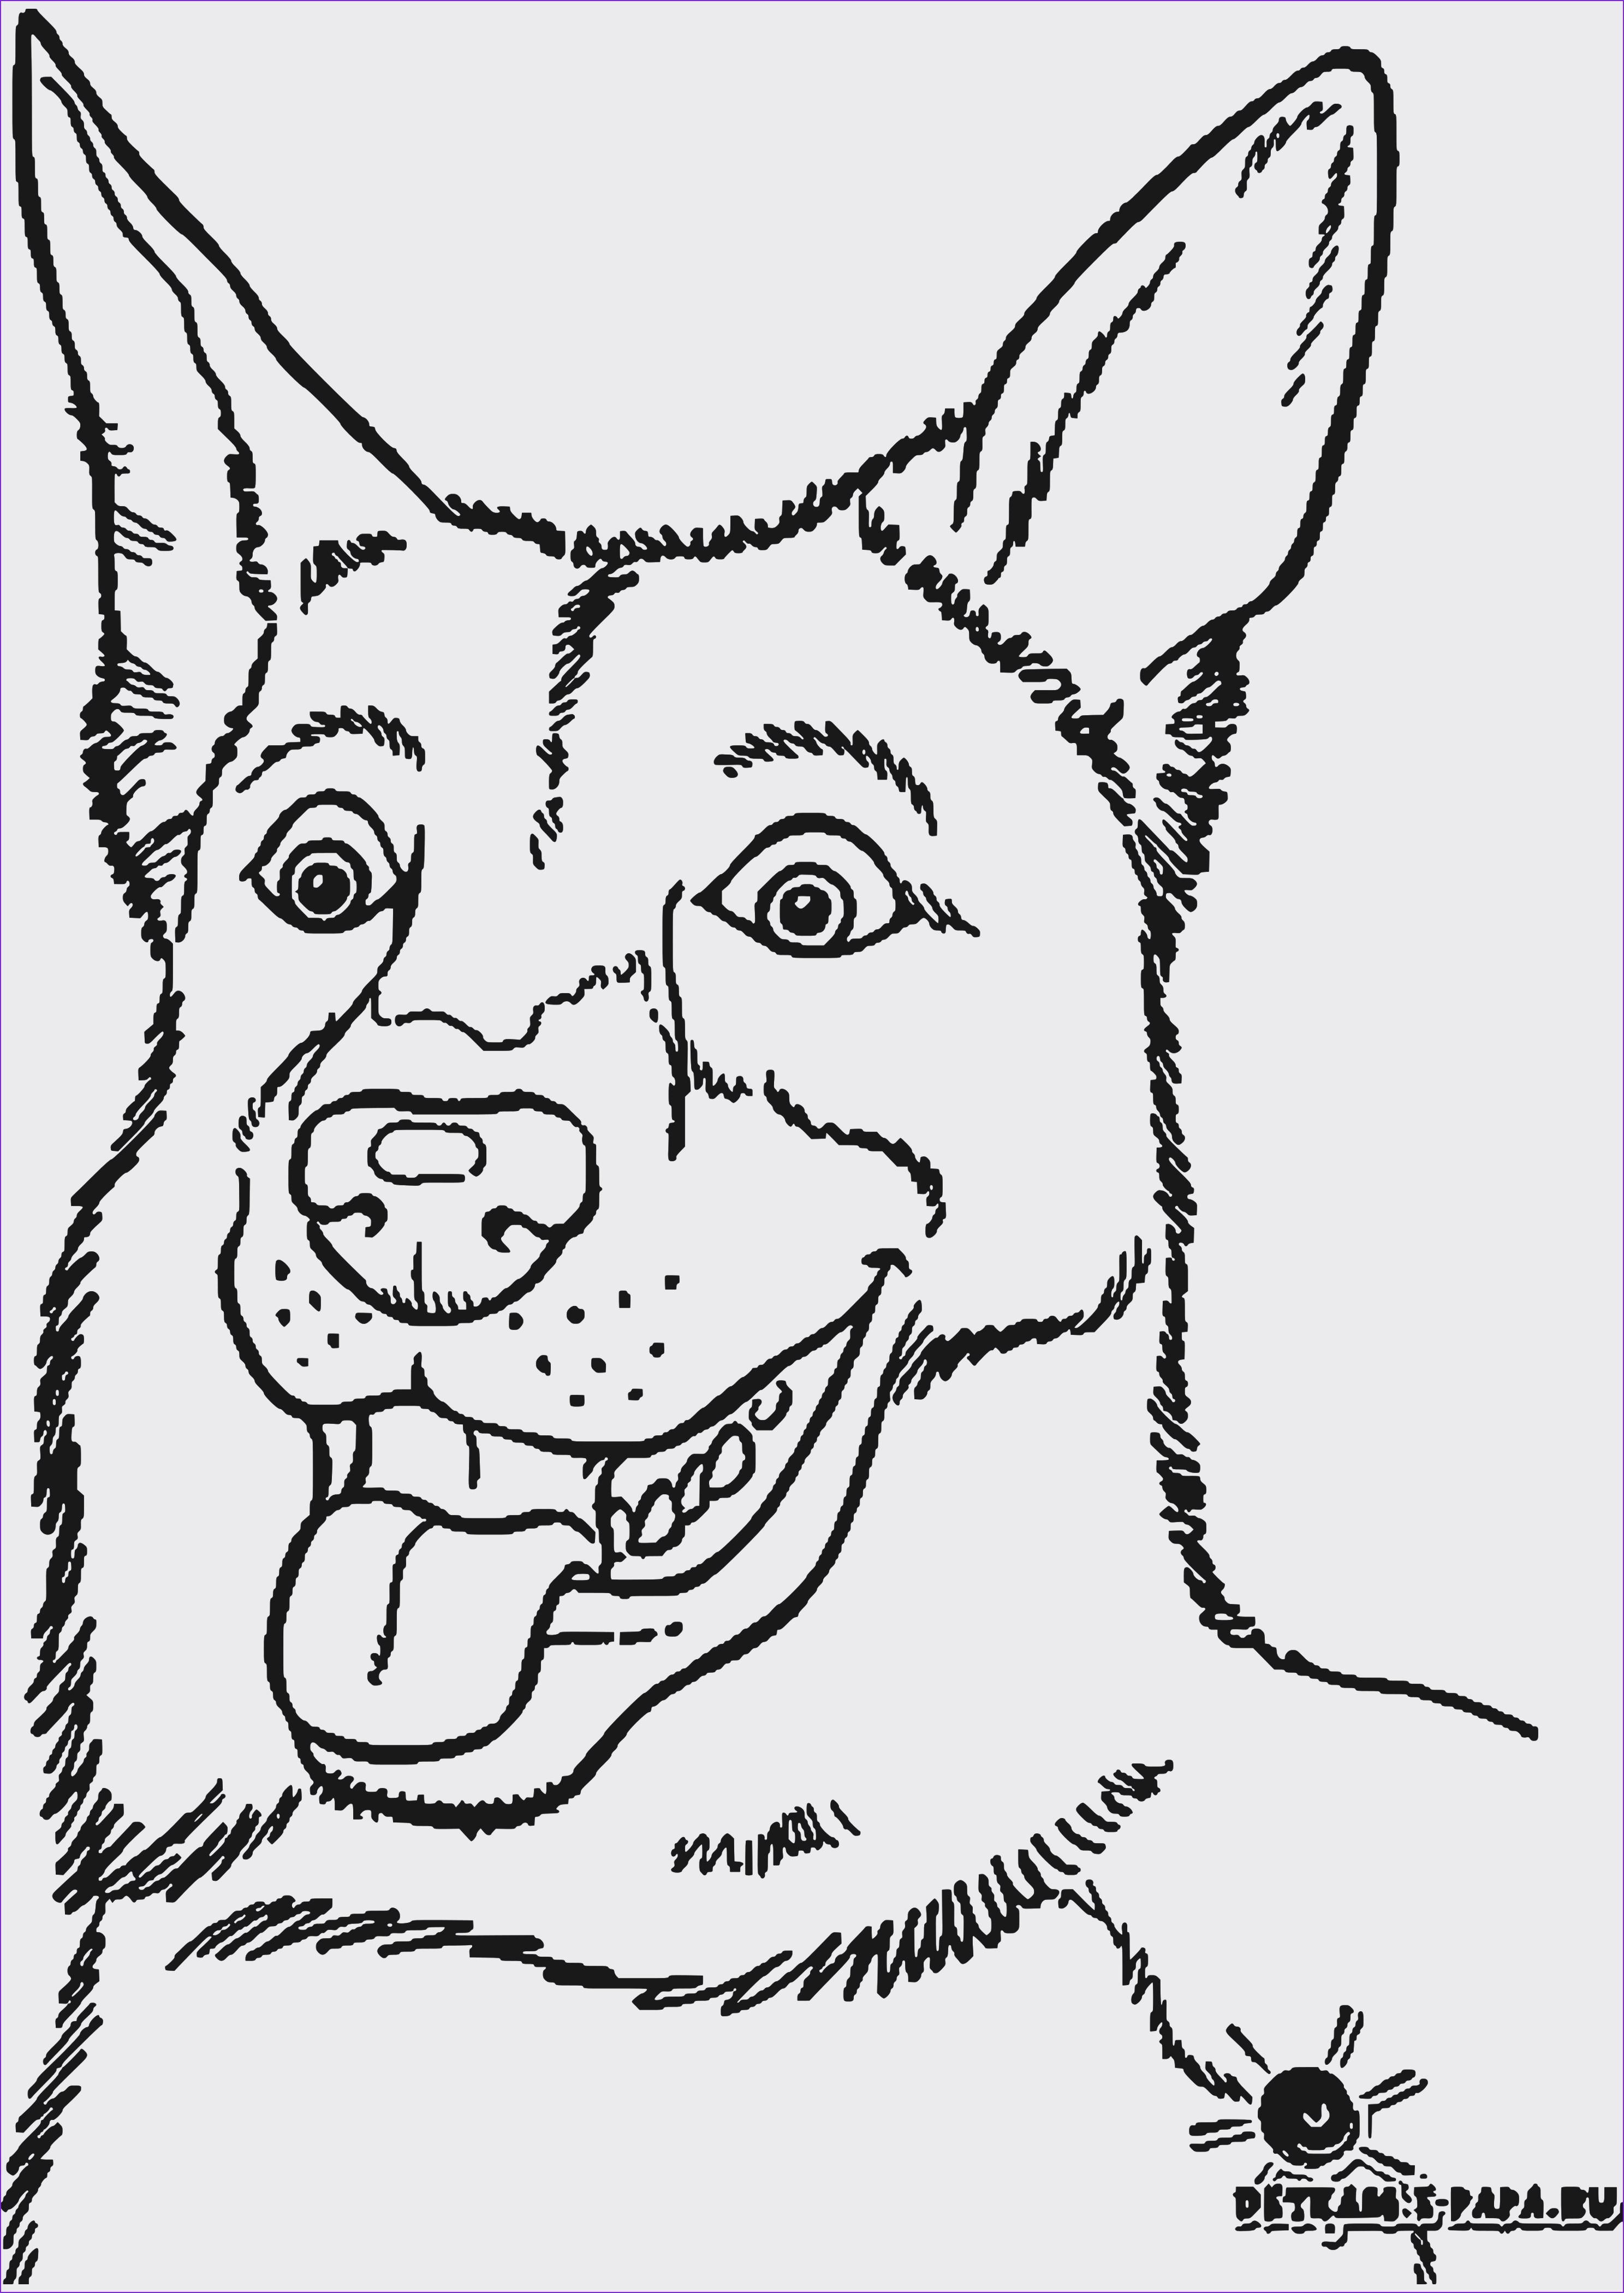 Ausmalbilder Hund Und Katze Genial Lernspiele Färbung Bilder Ausmalbilder Hund Kostenlos Drucken Bild